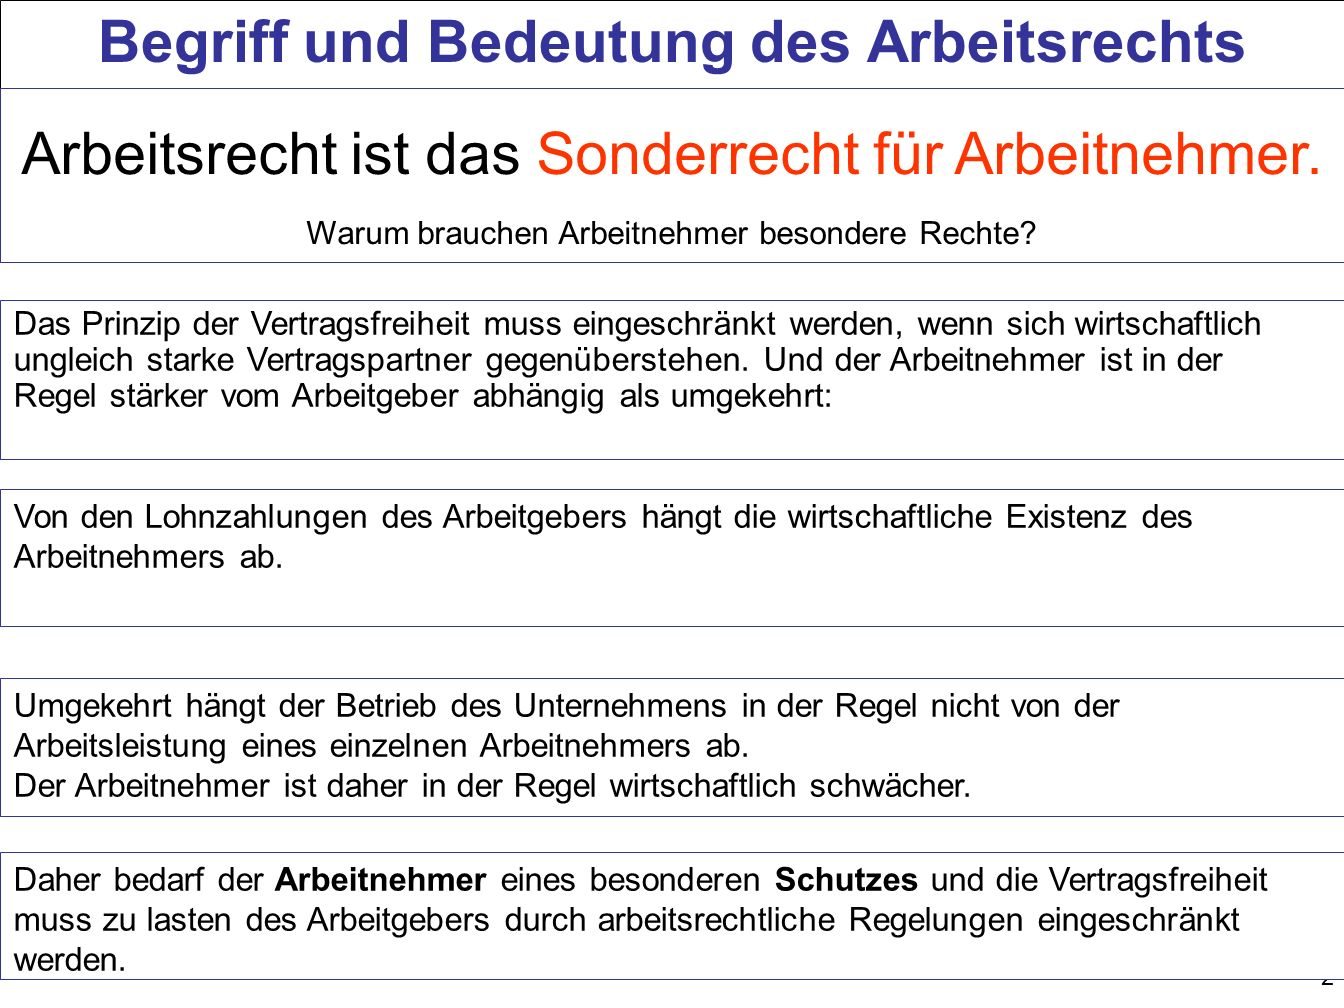 43 Benachteiligungsverbot nach dem AGG